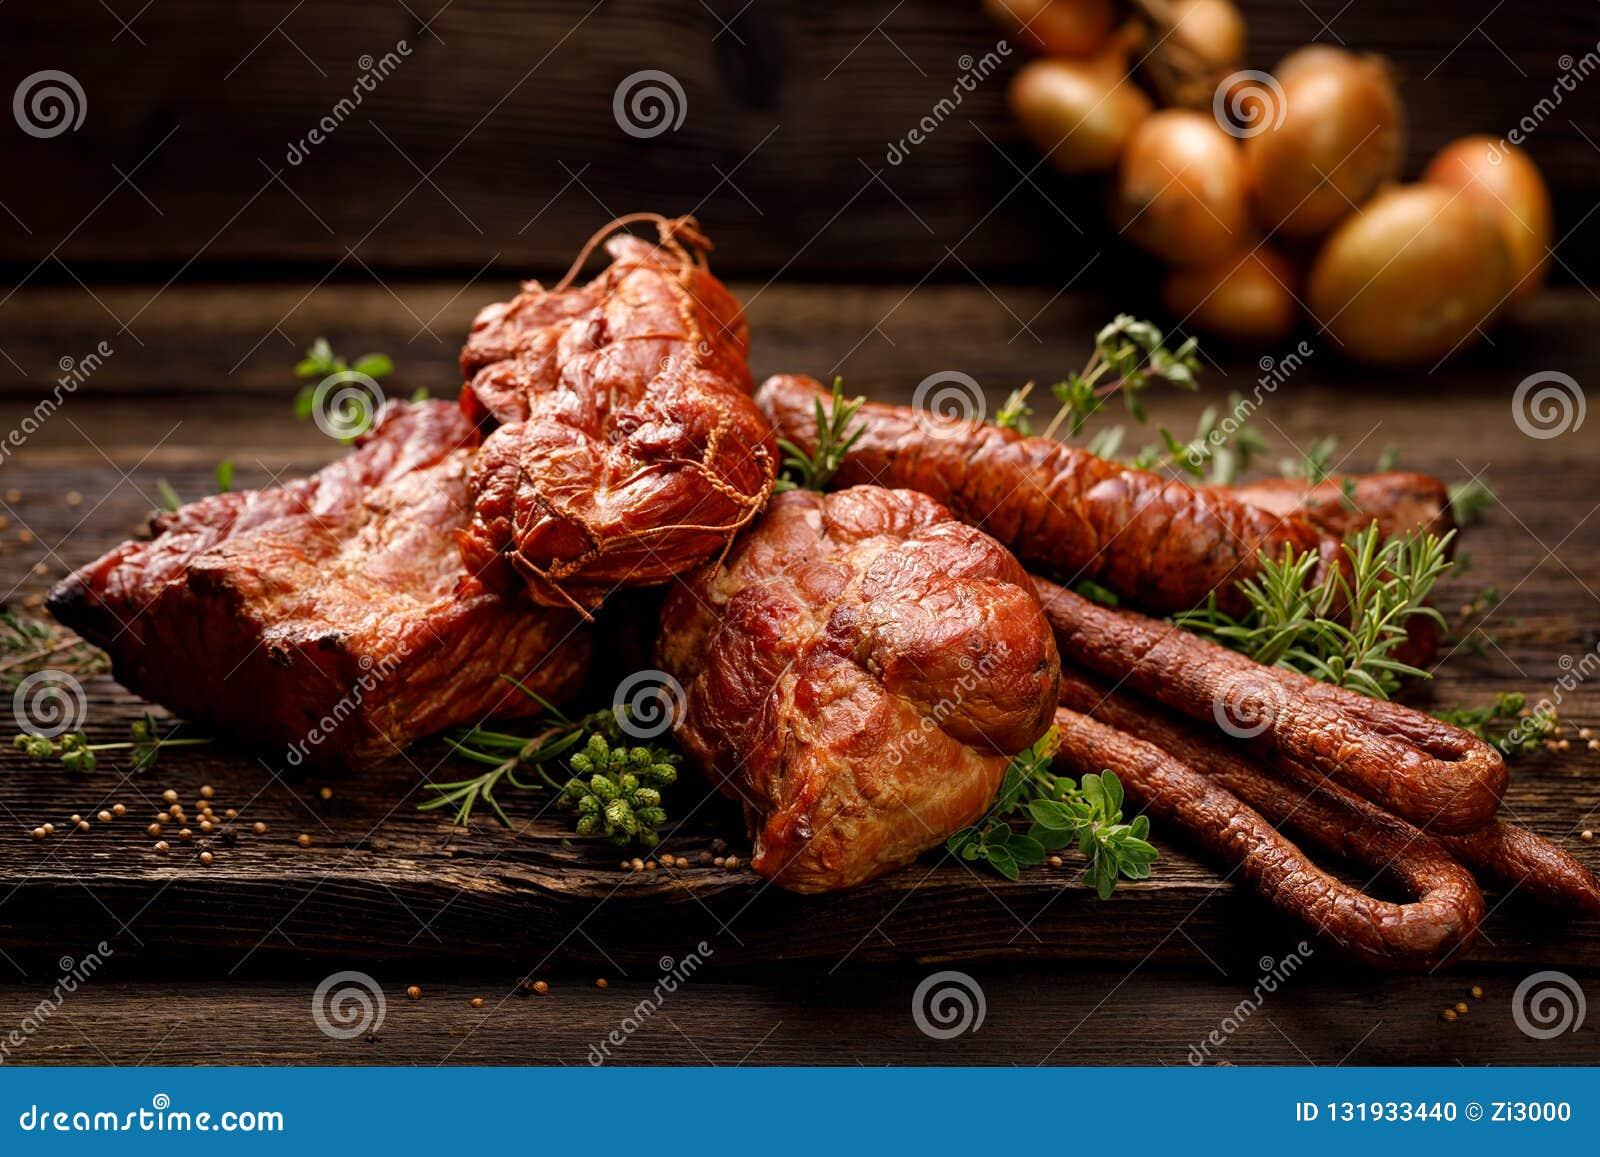 熏制的肉和香肠 一套传统熏制的肉和香肠:火腿,腌火腿,猪腰,家庭式香肠, kabanosy